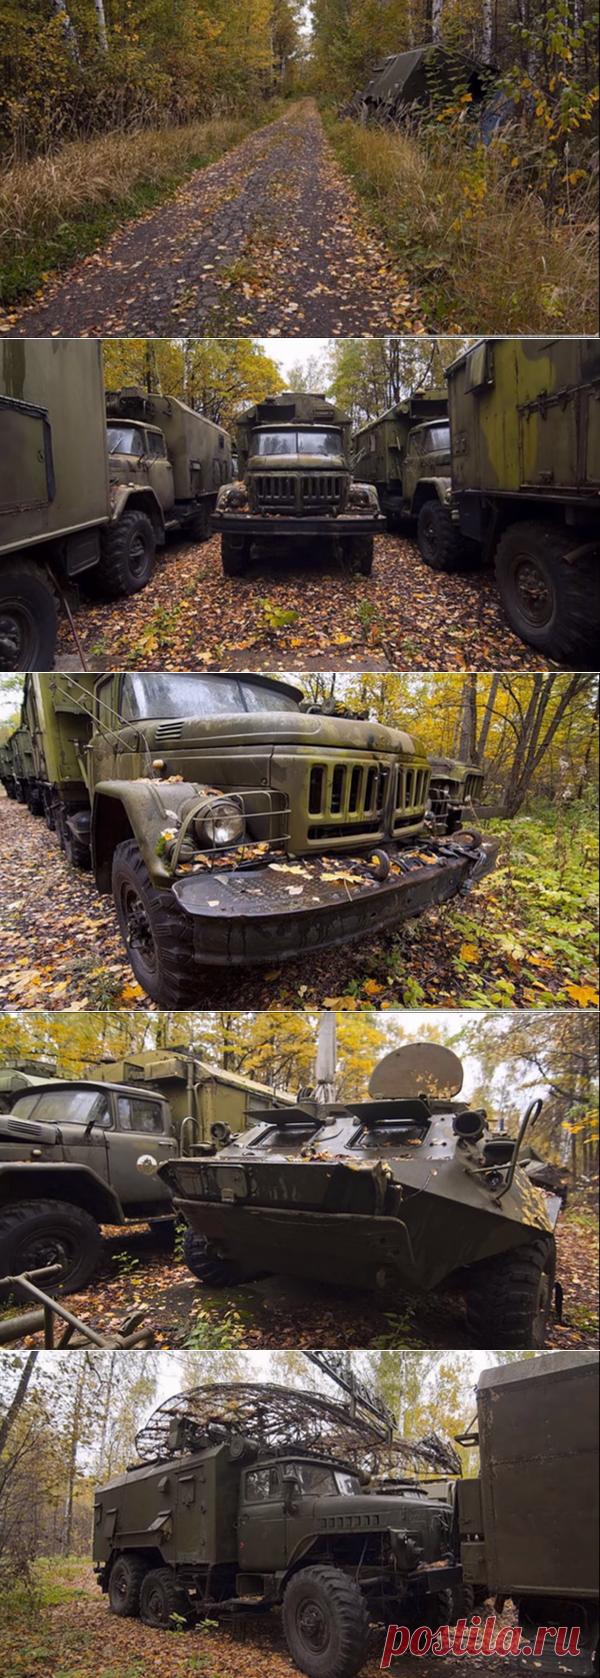 Пошли в лес за грибами, а наткнулись на брошенную военную технику | Старый Гараж | Яндекс Дзен